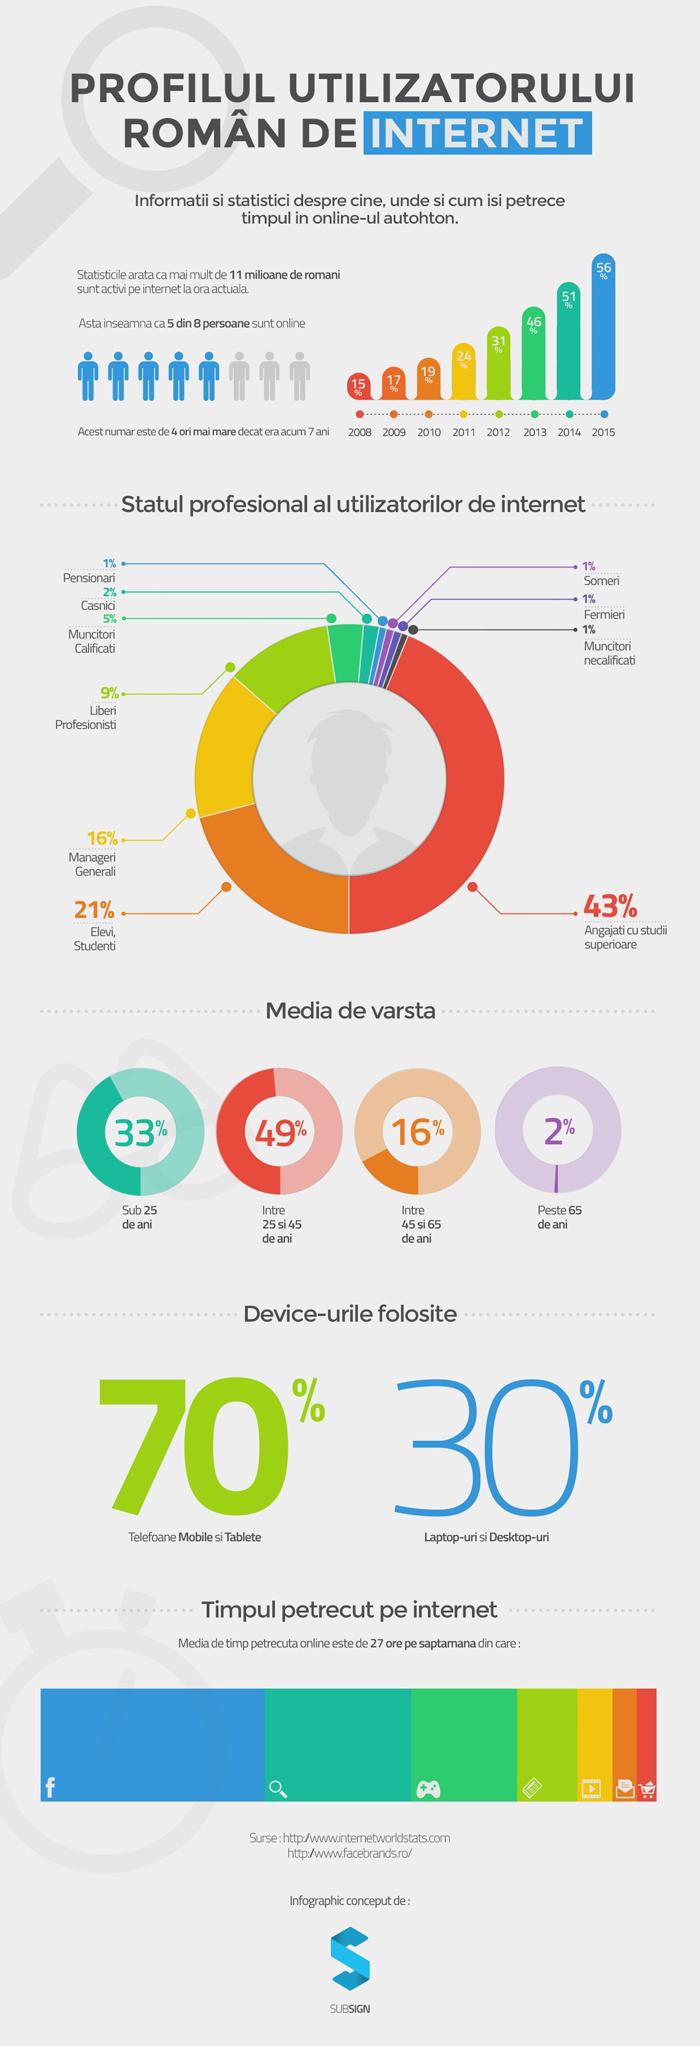 Profilul utilizatorului român de internet